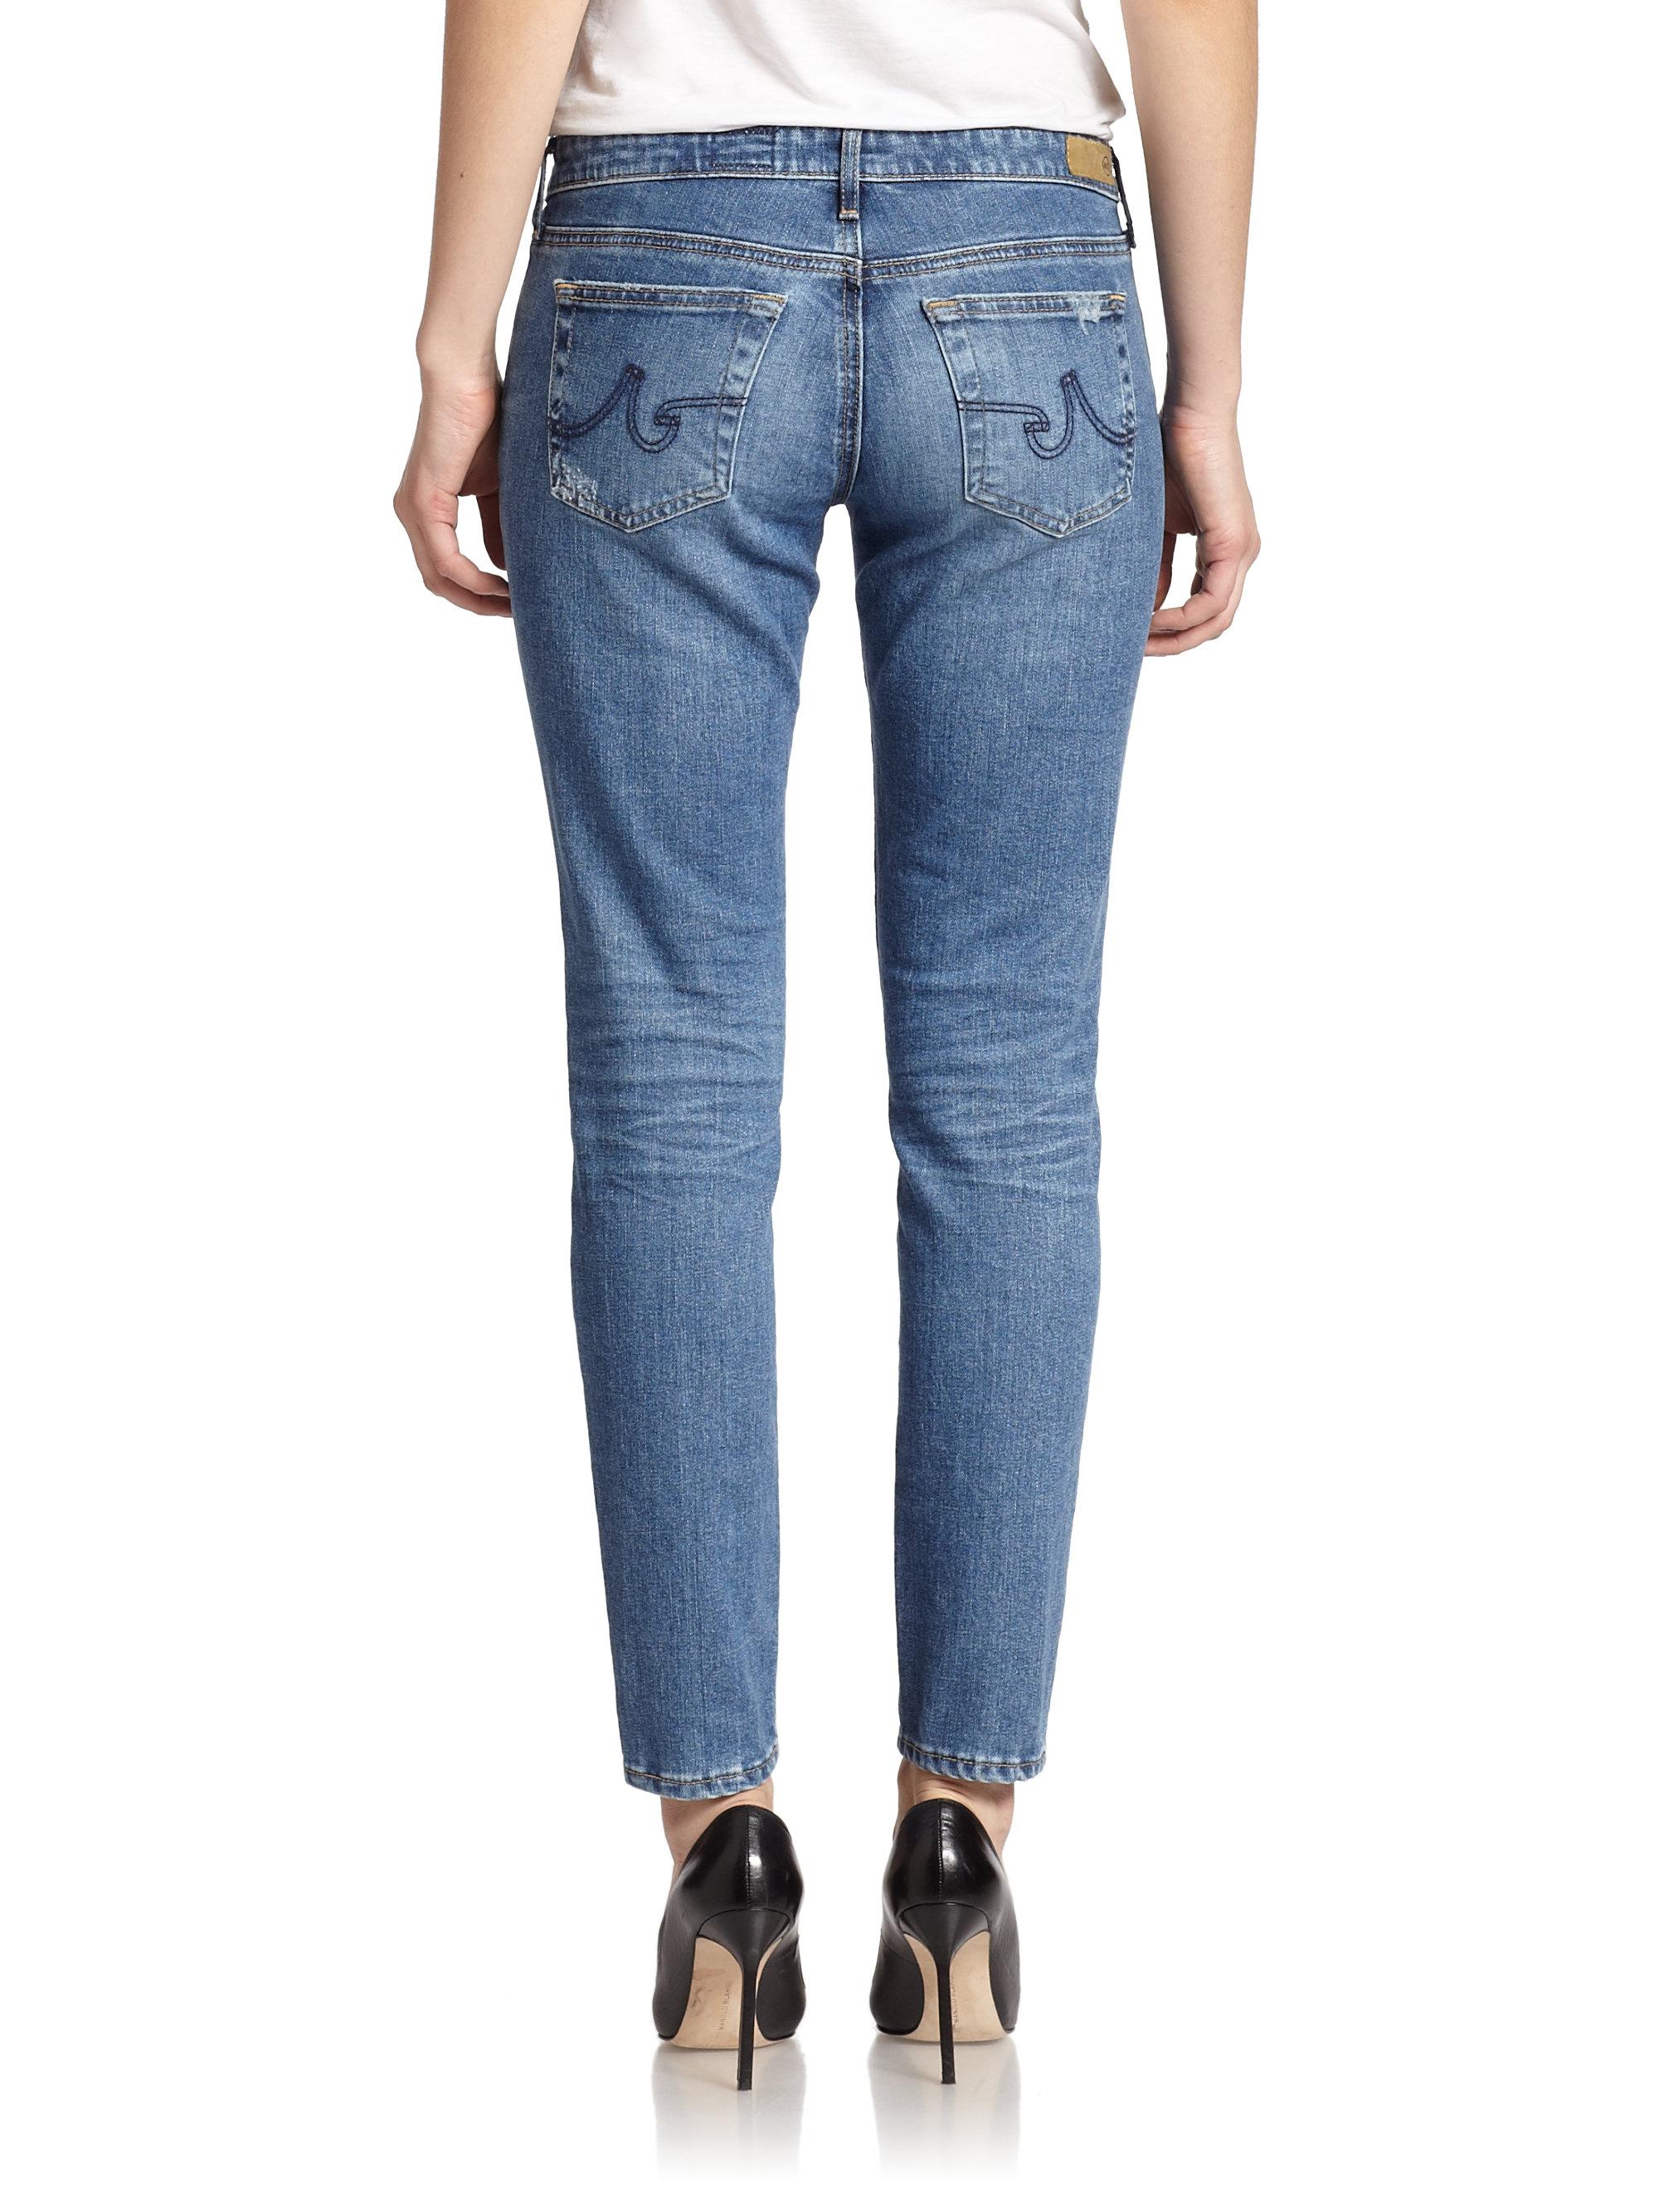 Ag Jeans Stilt Distressed Cigarette Jeans In Blue 17